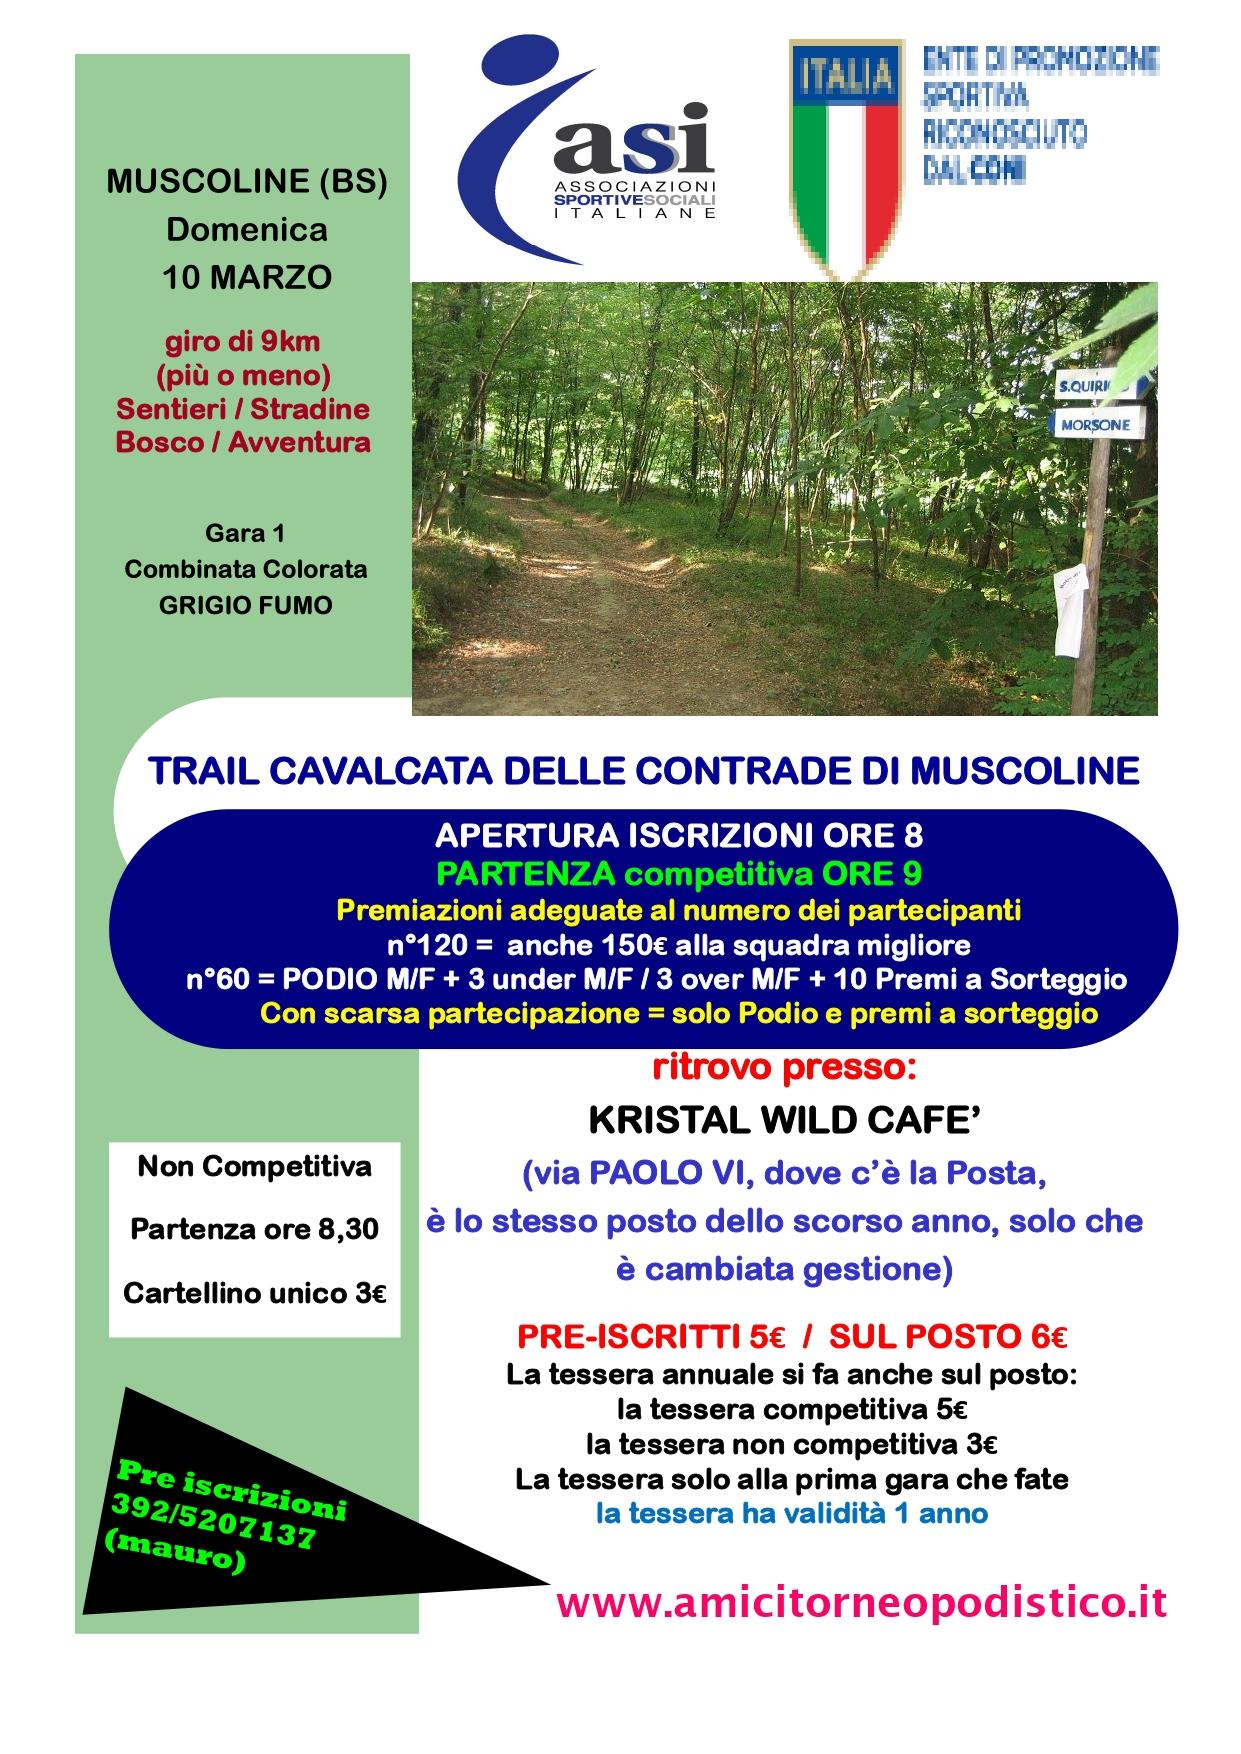 Trail cavalcata muscoline volantino 2019